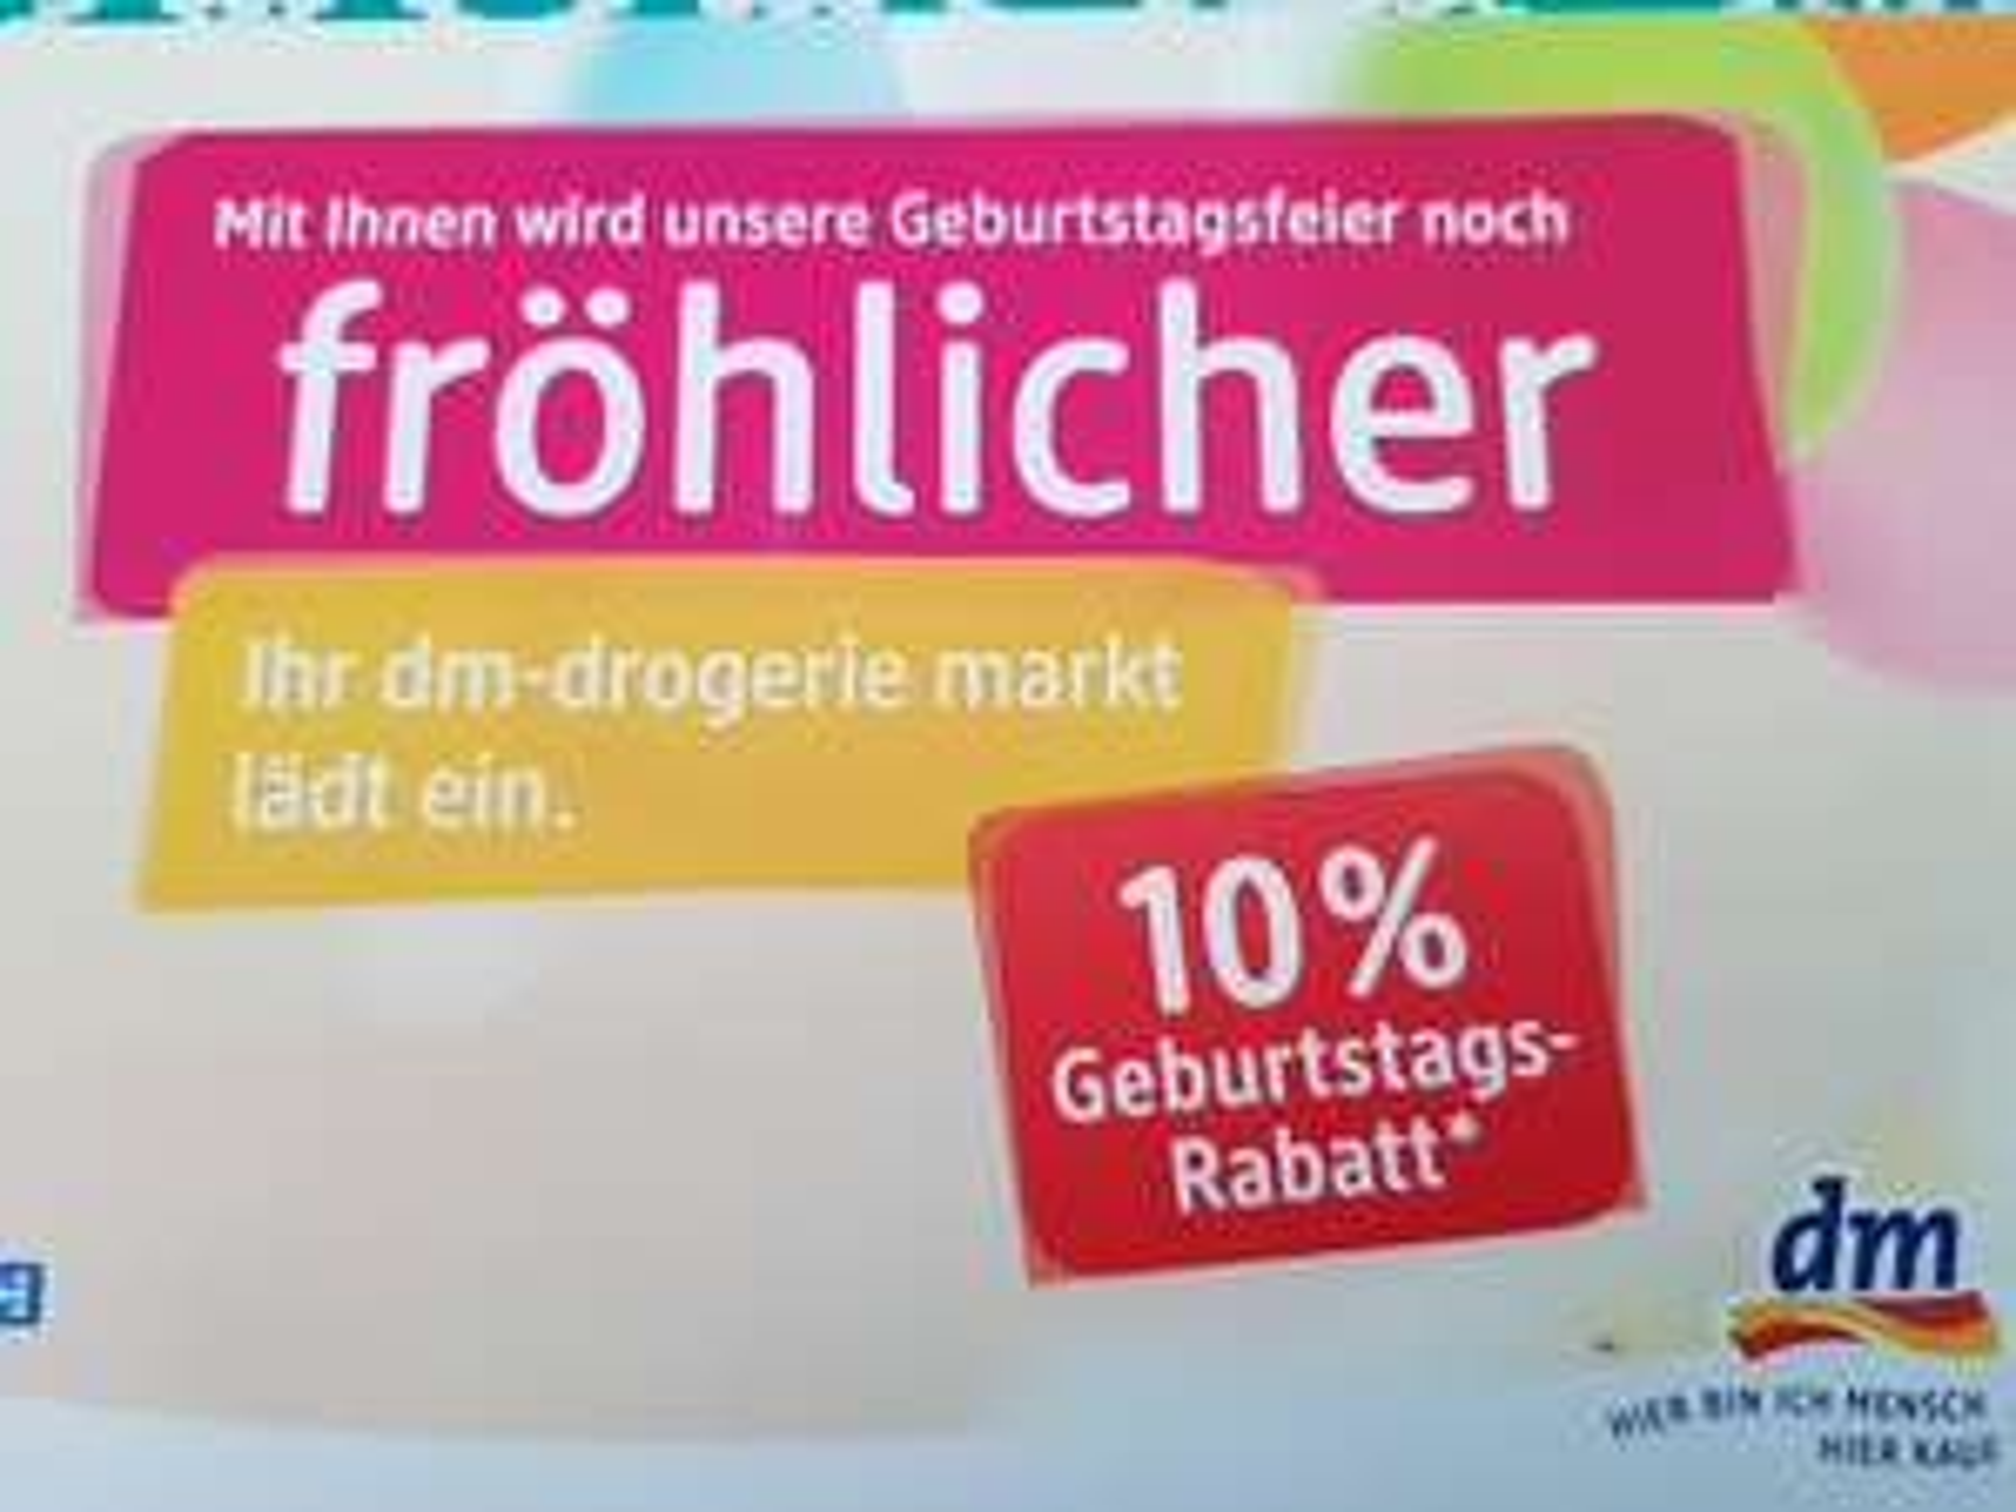 Bremerhaven: dm Obere Bürger, 10% auf alles